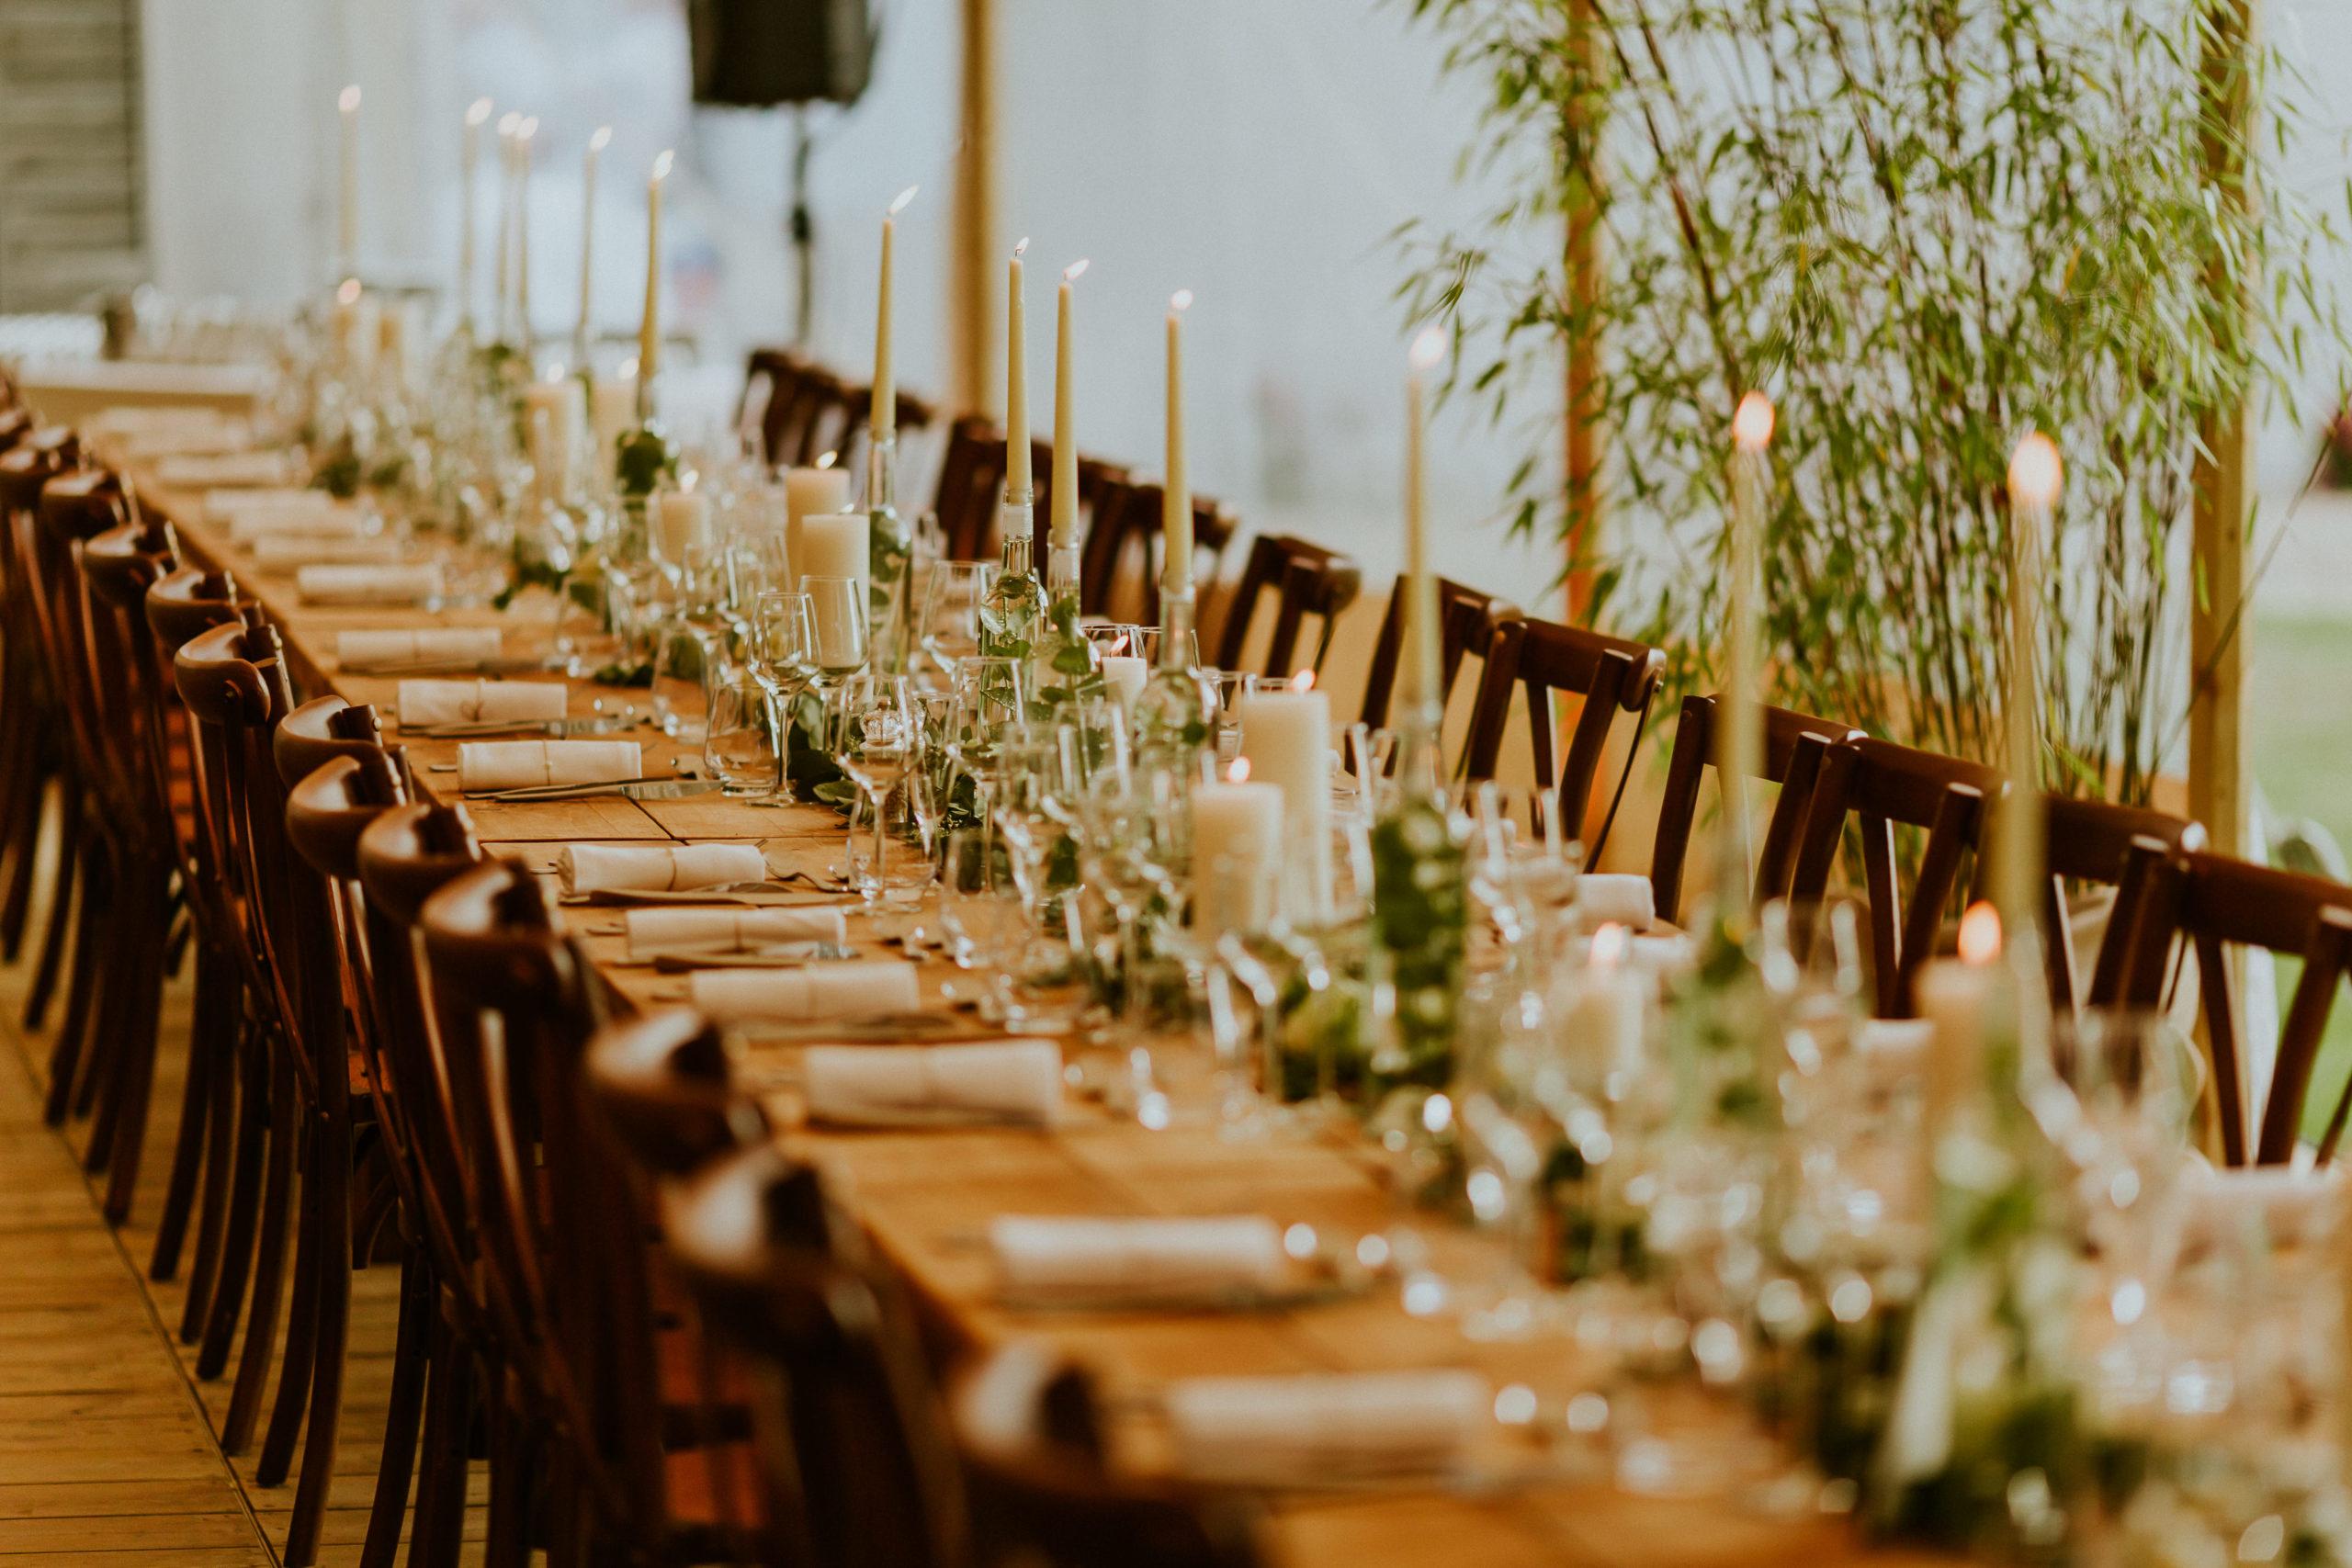 prestation decoration table de mariage - CREDIT PHOTO : Nicolas Desvage